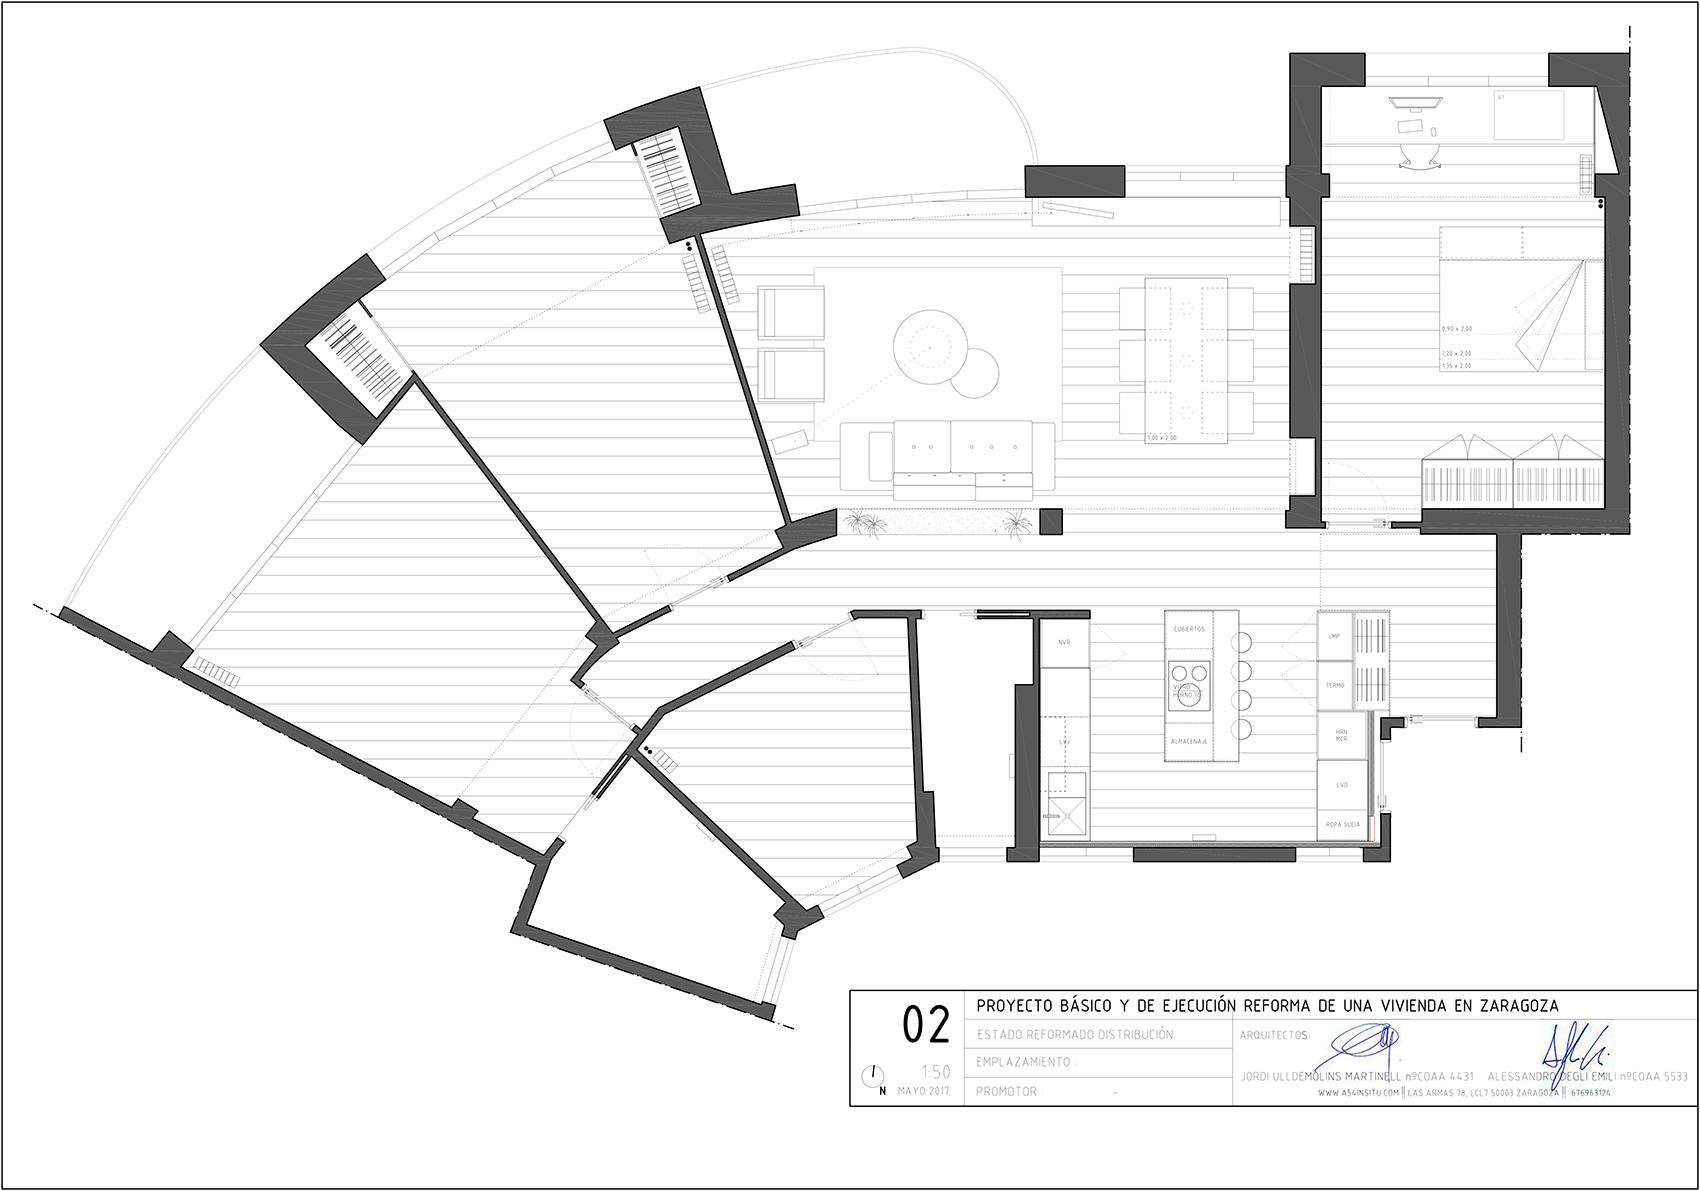 proyecto de reforma interior de una vivienda en Sagasta Zaragoza realizado por el estudio de arquitectura diseño e interiorismo A54insitu ubicado en Las Armas Zaragoza